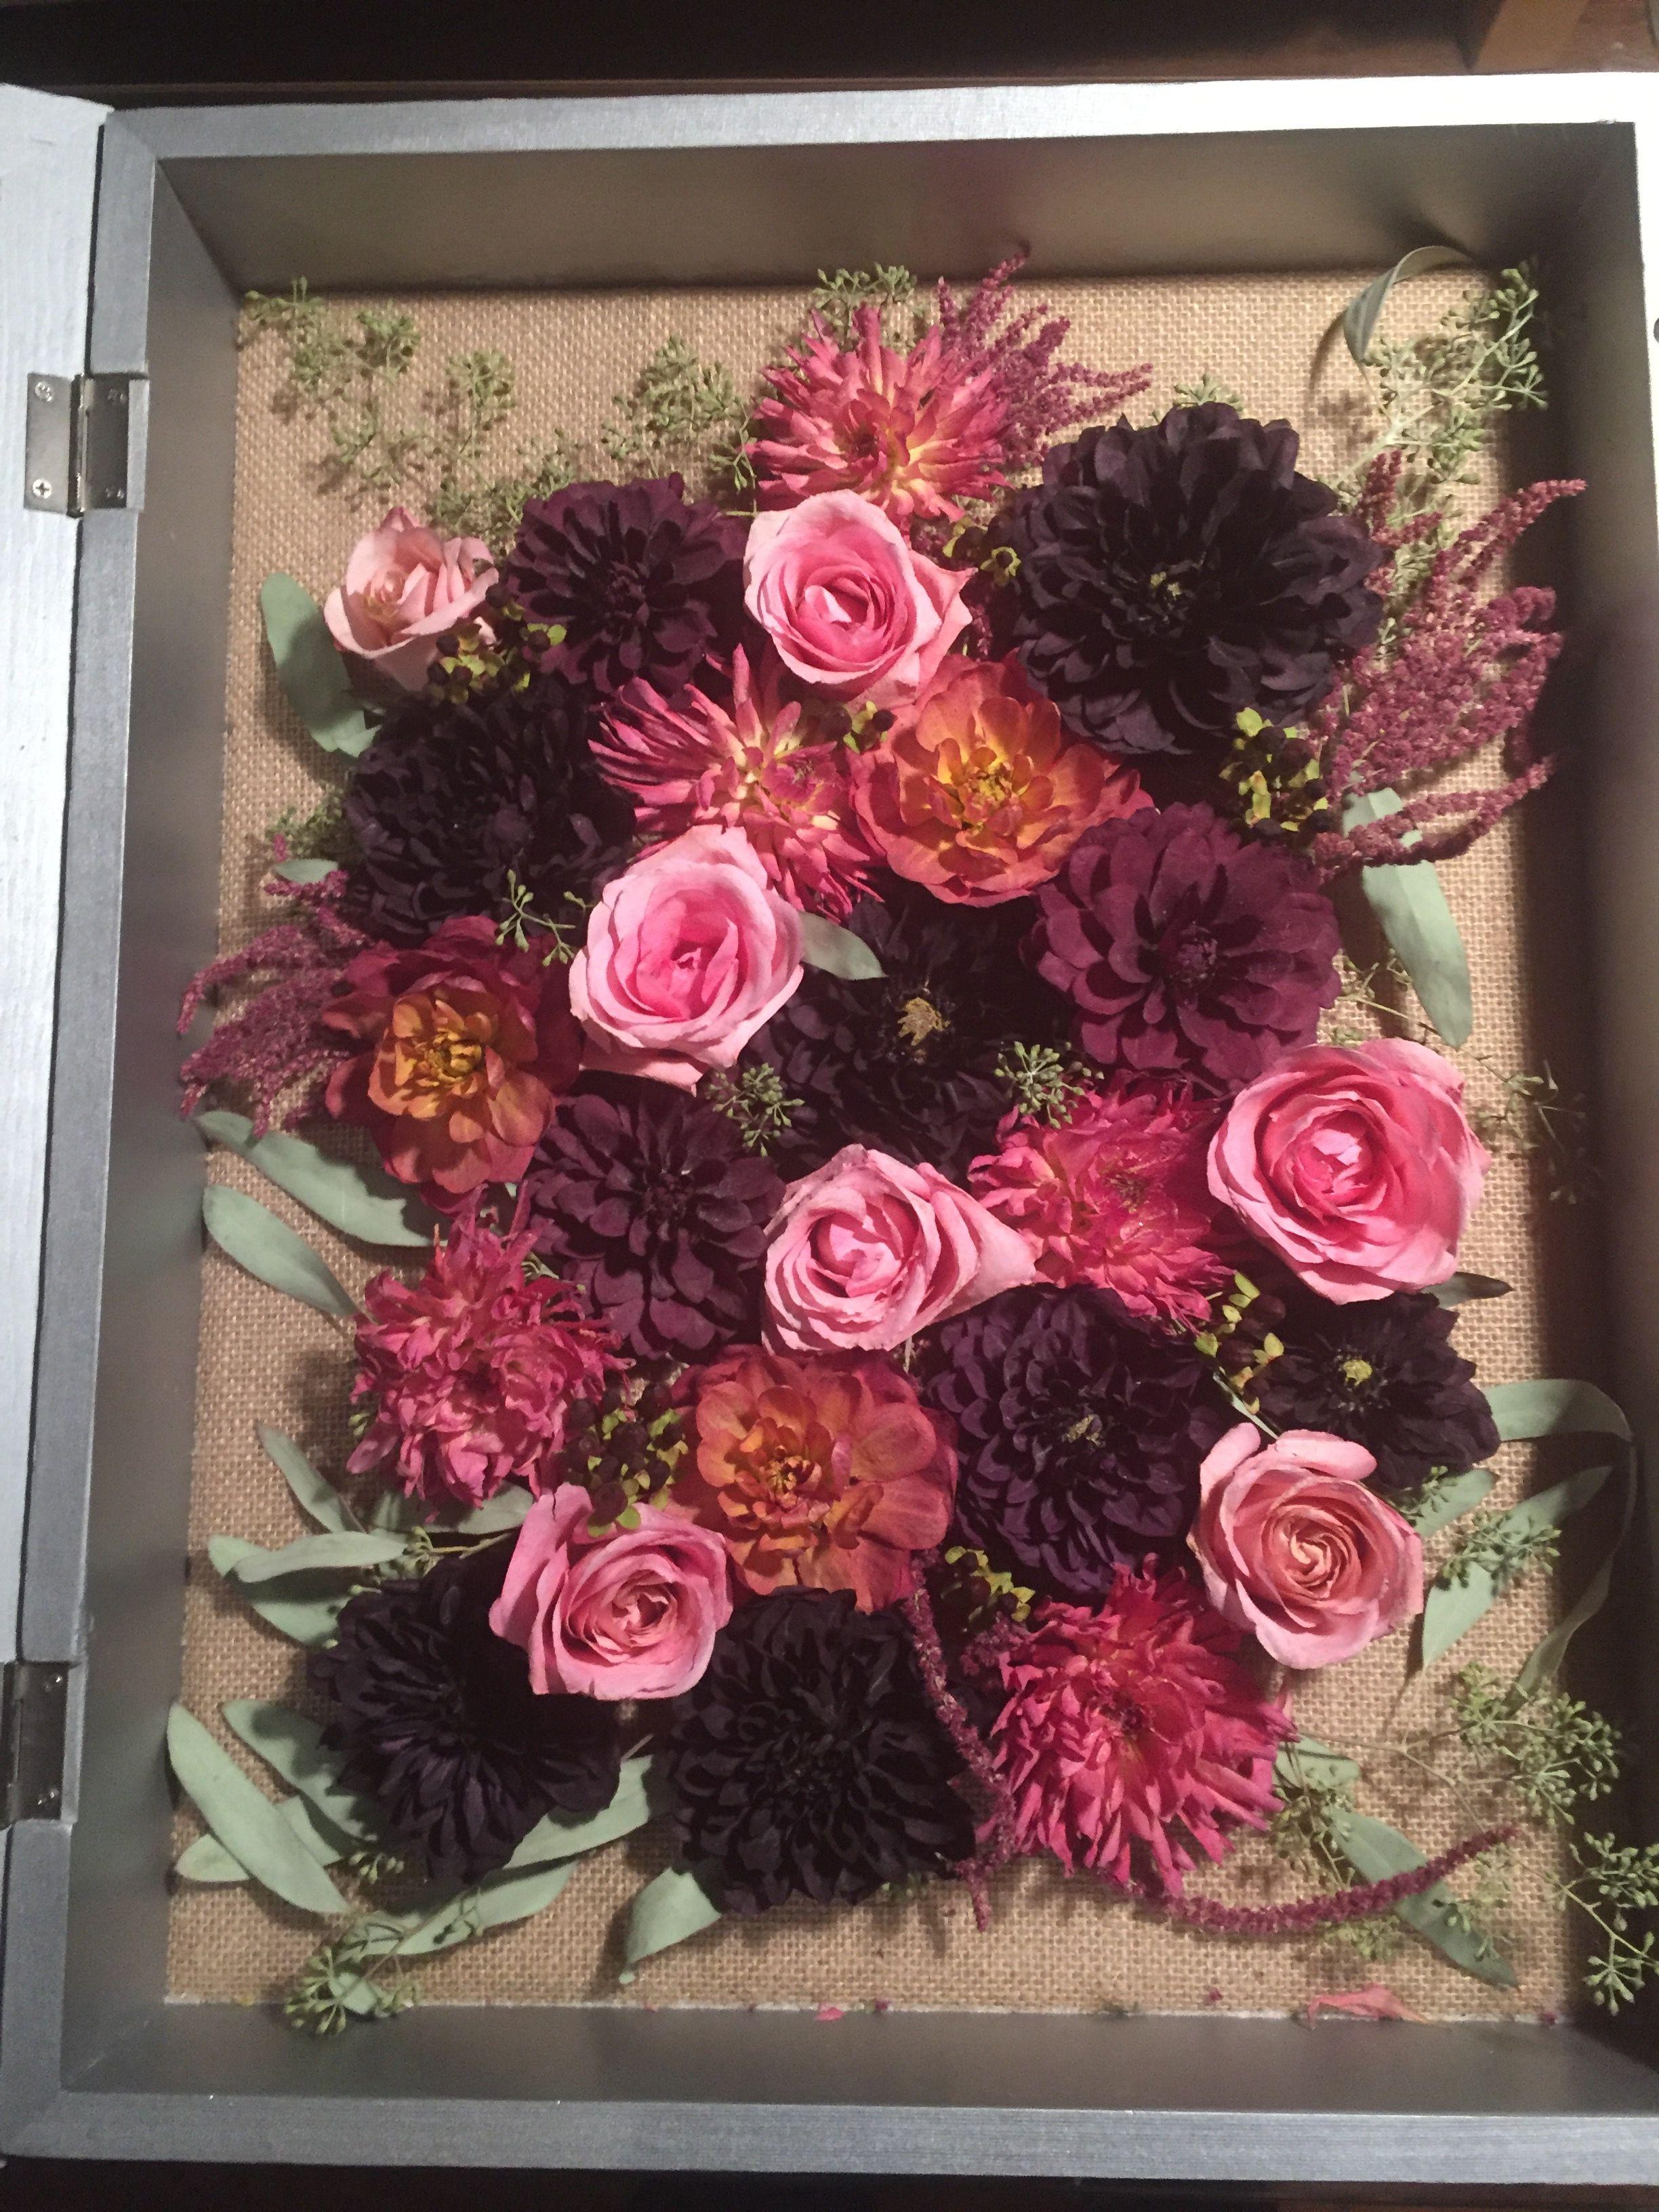 My diy dried wedding bouquet shadow box - Weddingbee ...